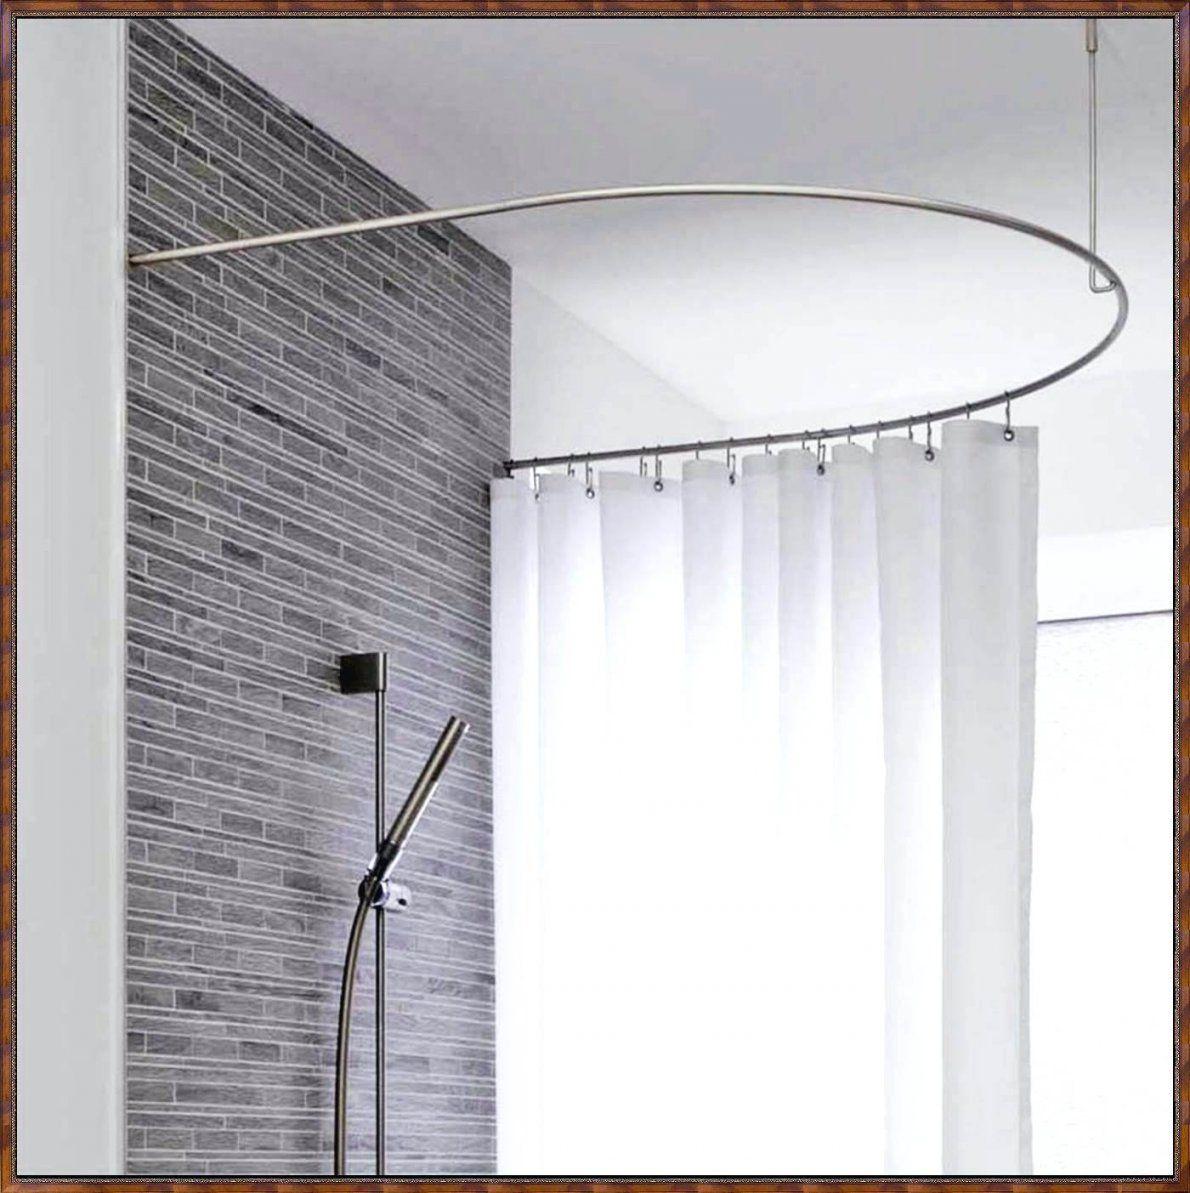 Eck Duschvorhang Top Fur Badewanne Masse Speyedernet Verschiedene von Duschstange Für Badewanne Ohne Bohren Photo